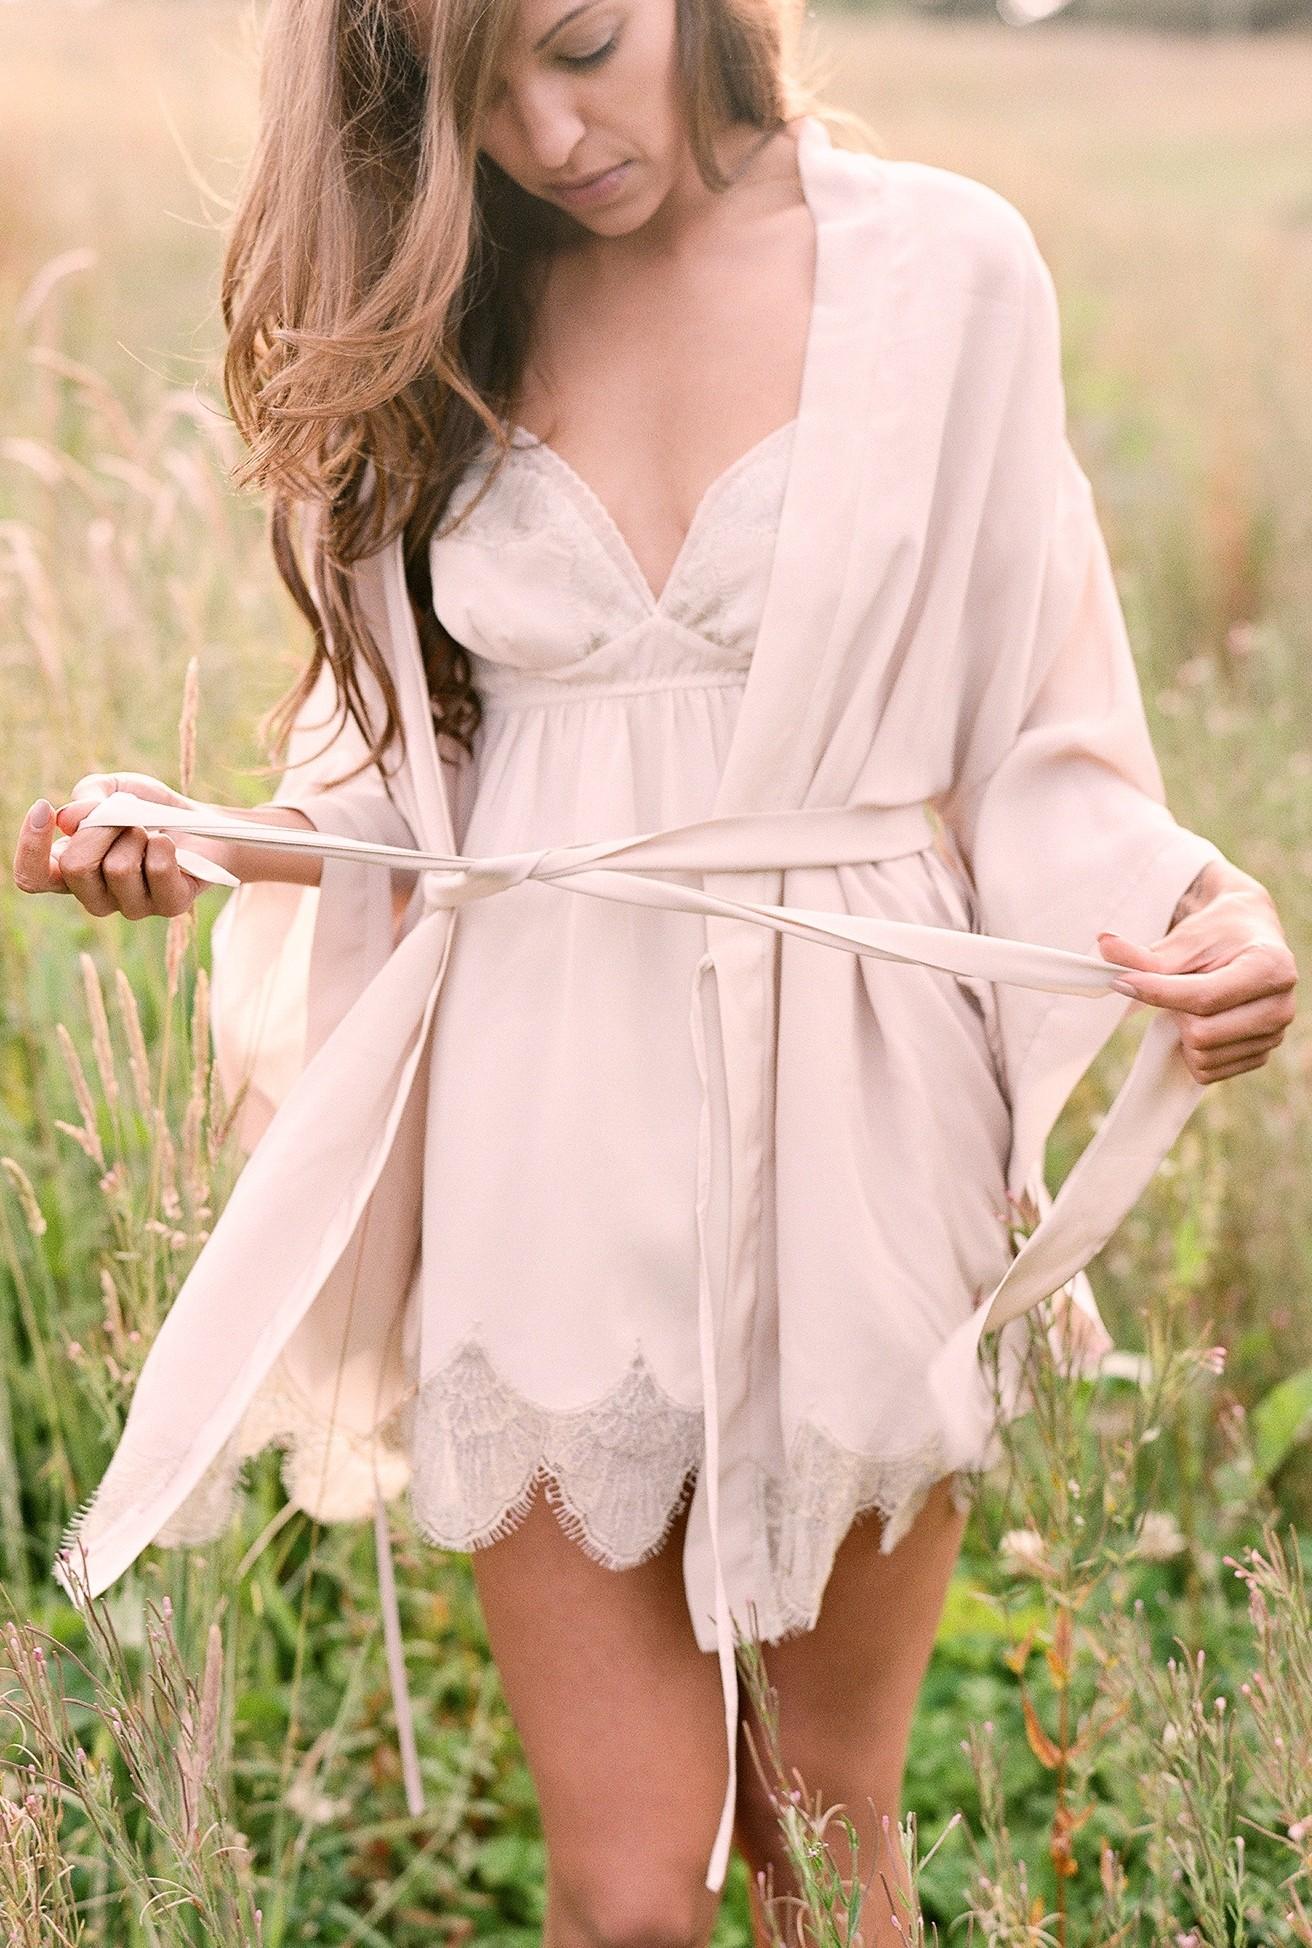 بالصور ملابس نوم للعرايس , اجمل ملابس النوم لللعروس2019 3636 4